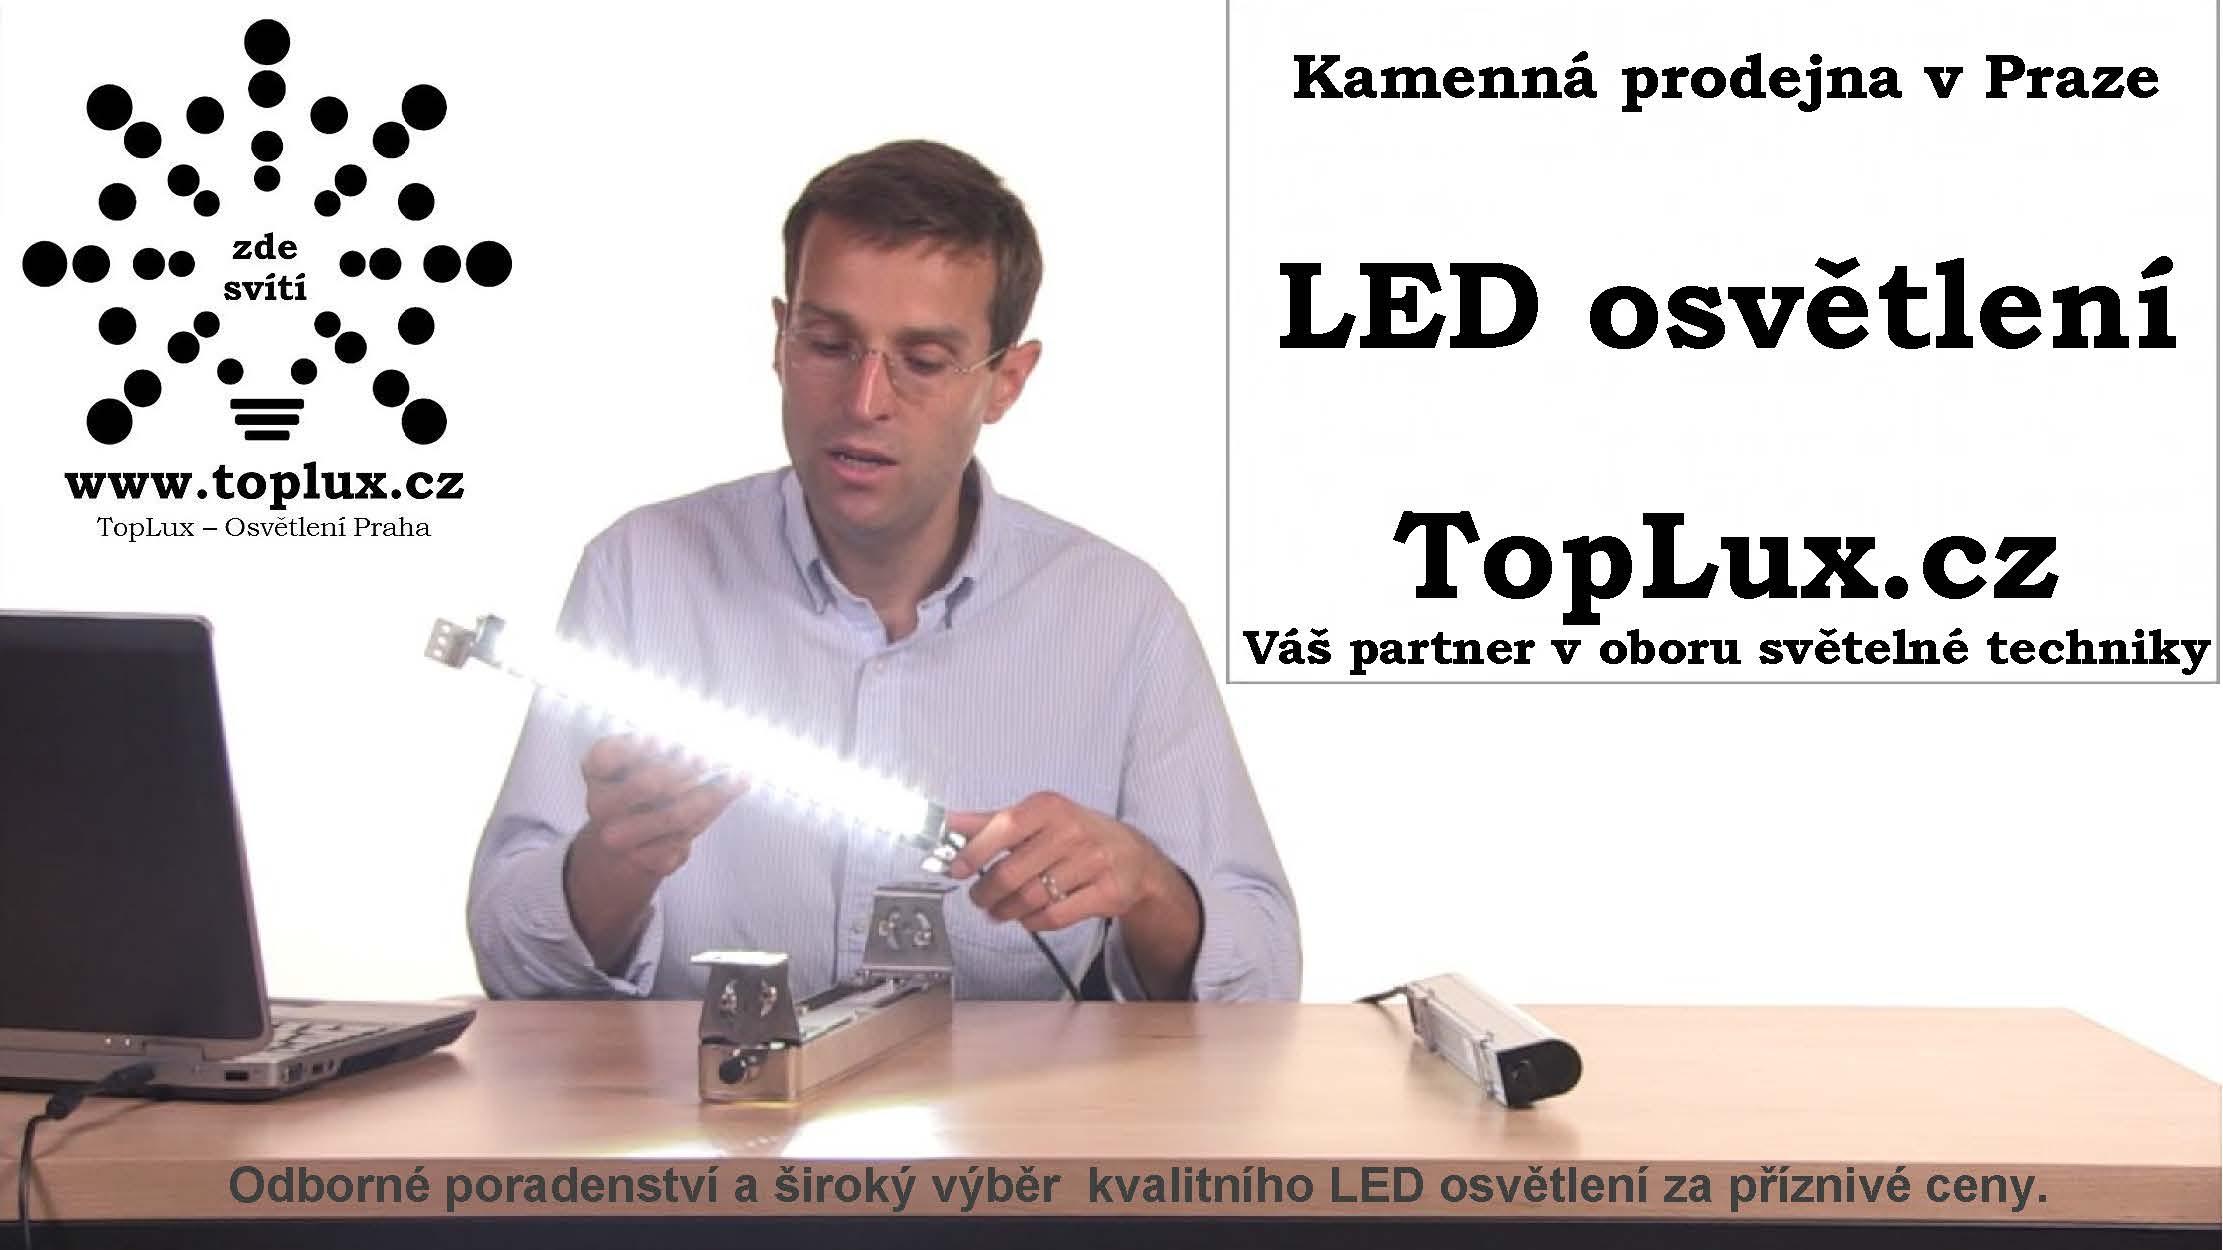 Vybírejte kvalitní svítidla u našeho PROFI partnera z oboru světelné techniky.